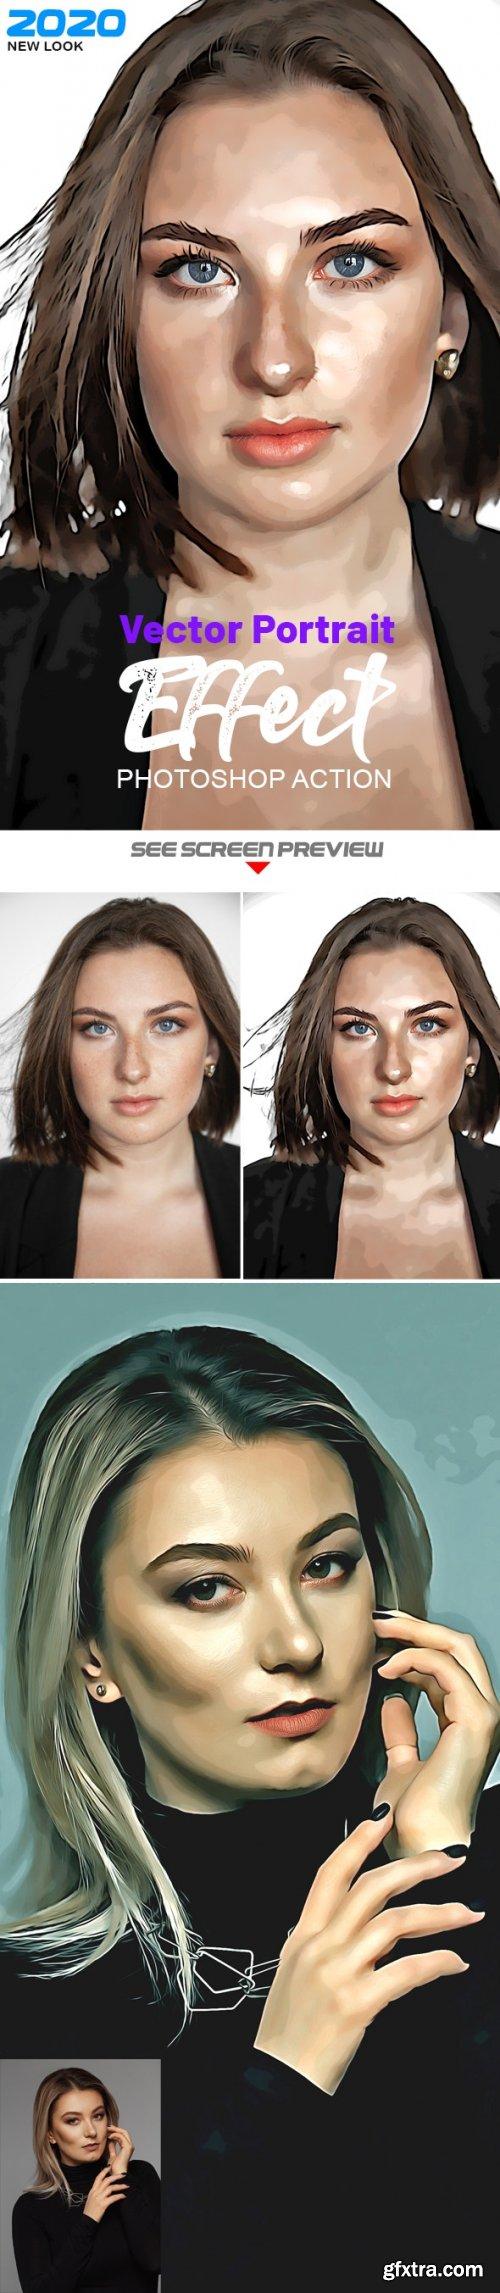 GraphicRiver - Vector Portrait Photoshop Effect 25610205